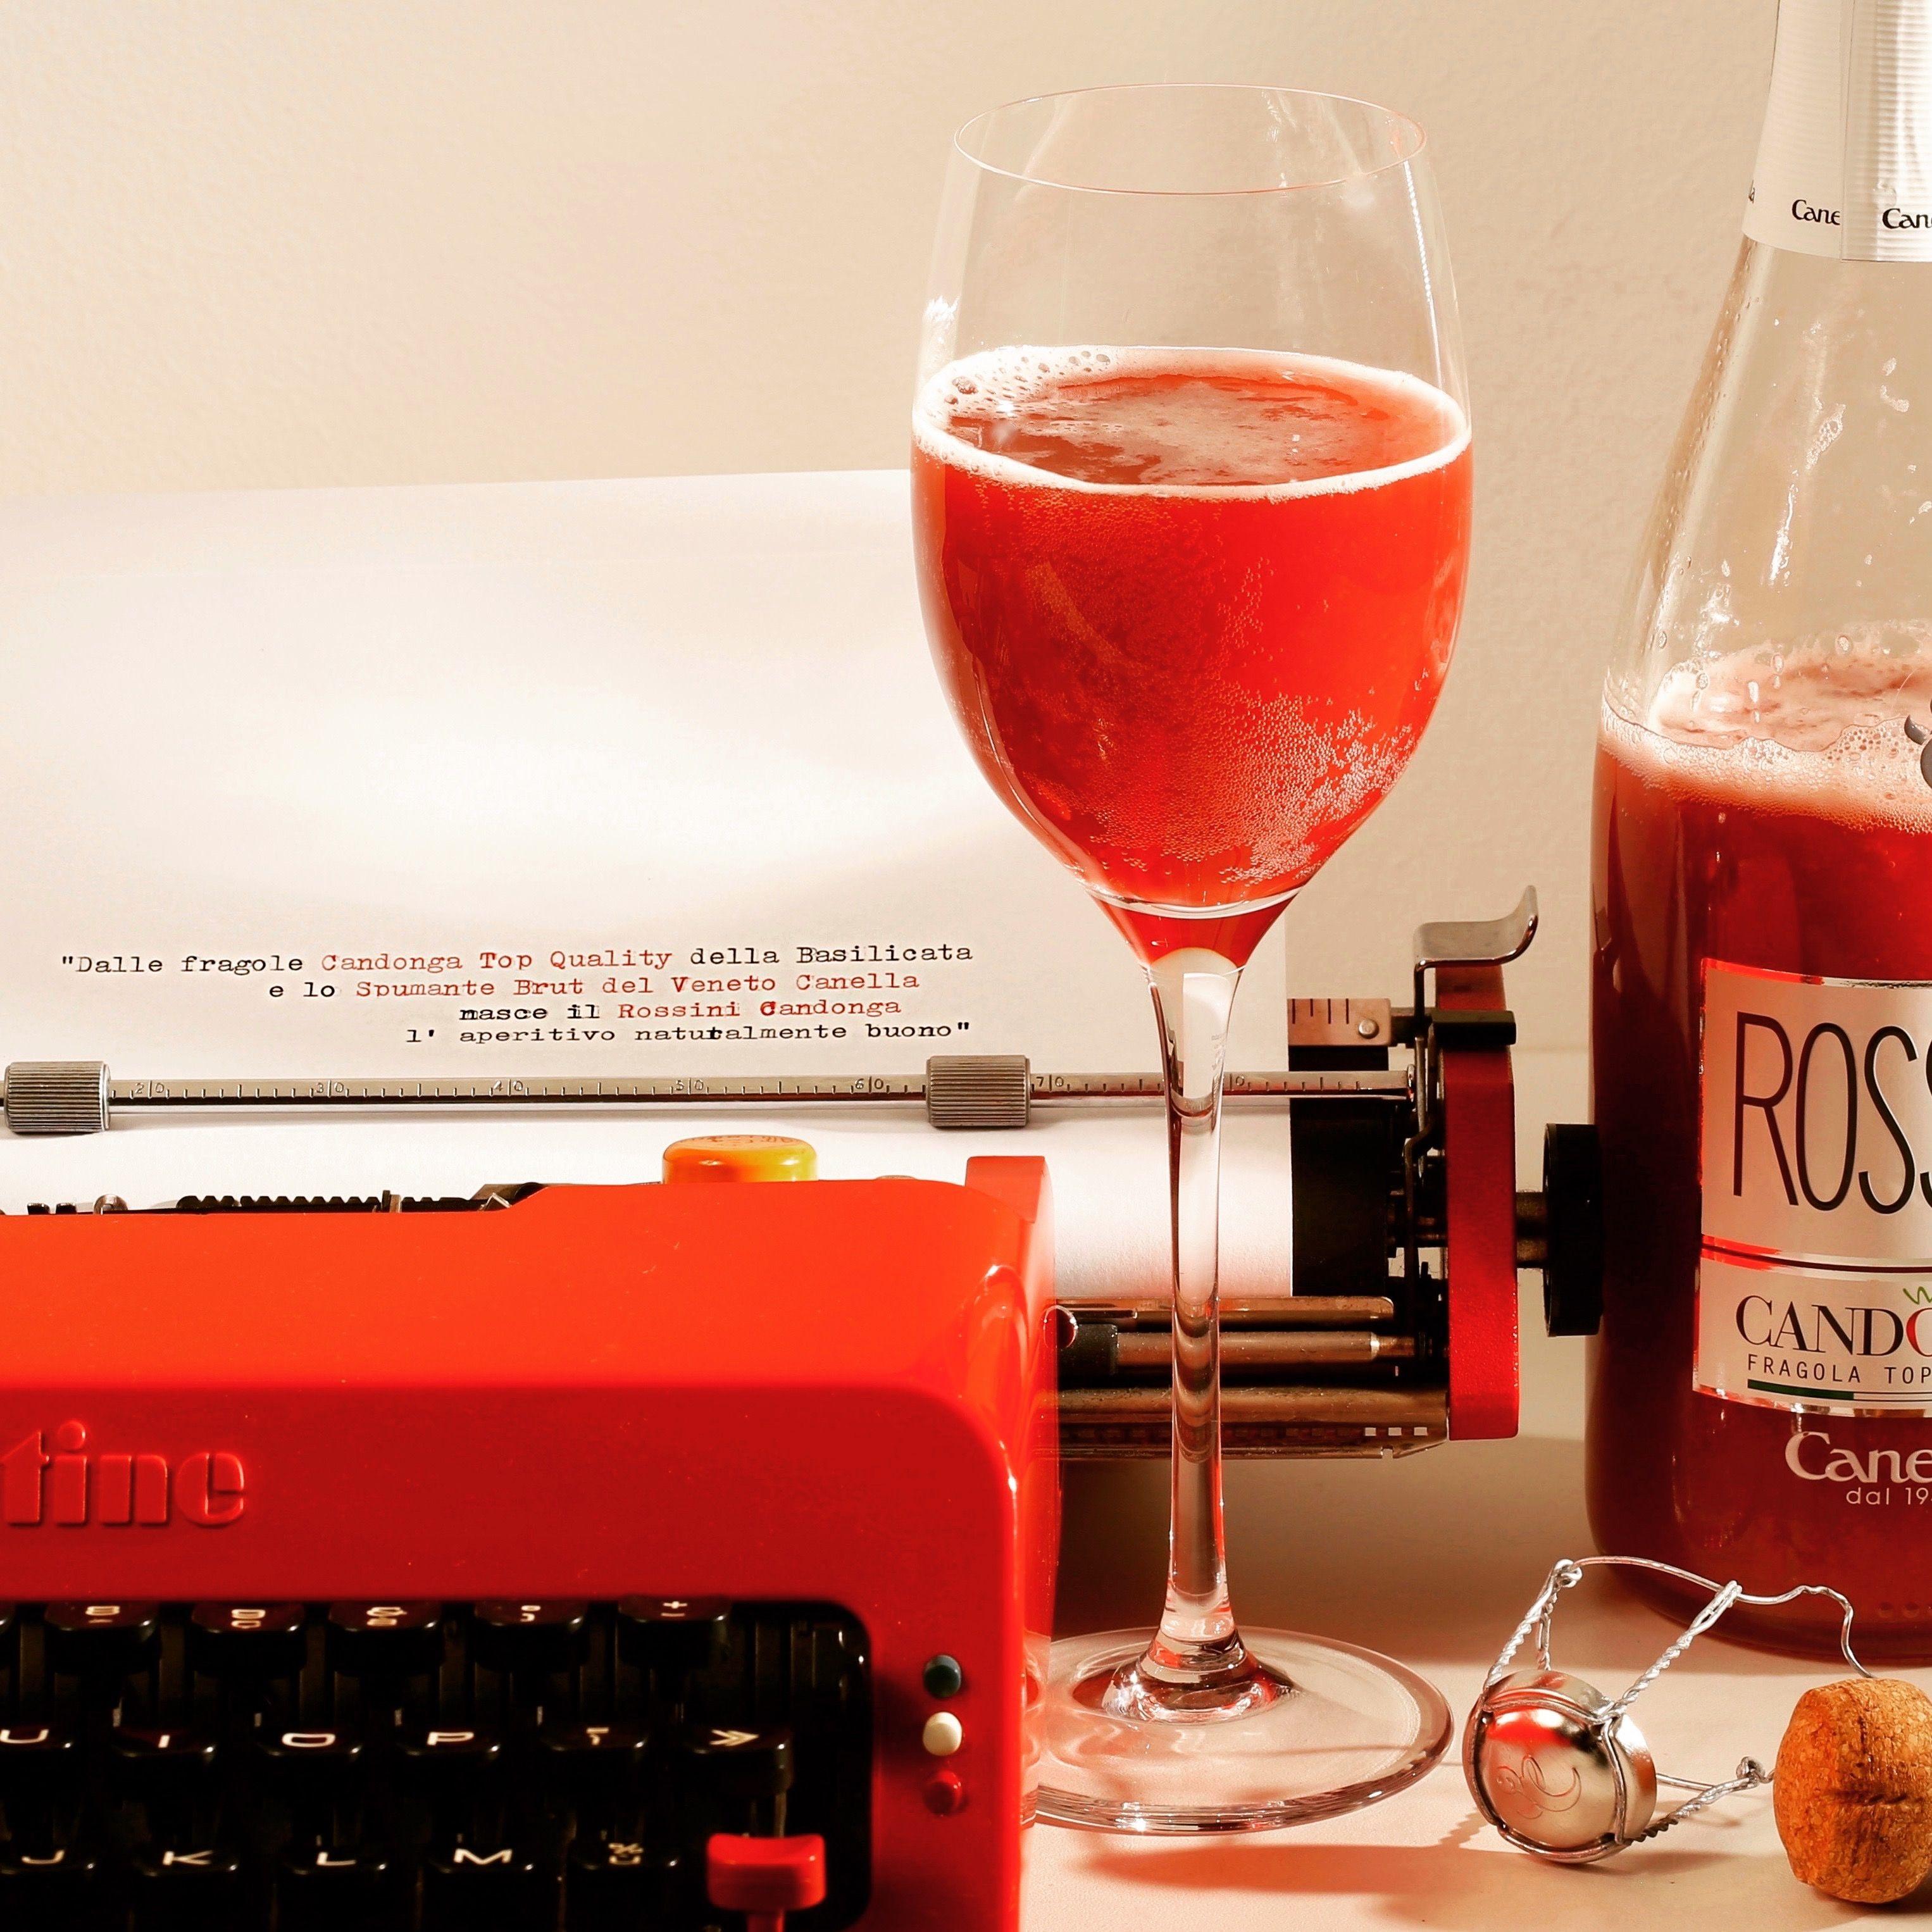 意大利rossini草莓果肉+起泡酒,闺蜜新年聚会礼物